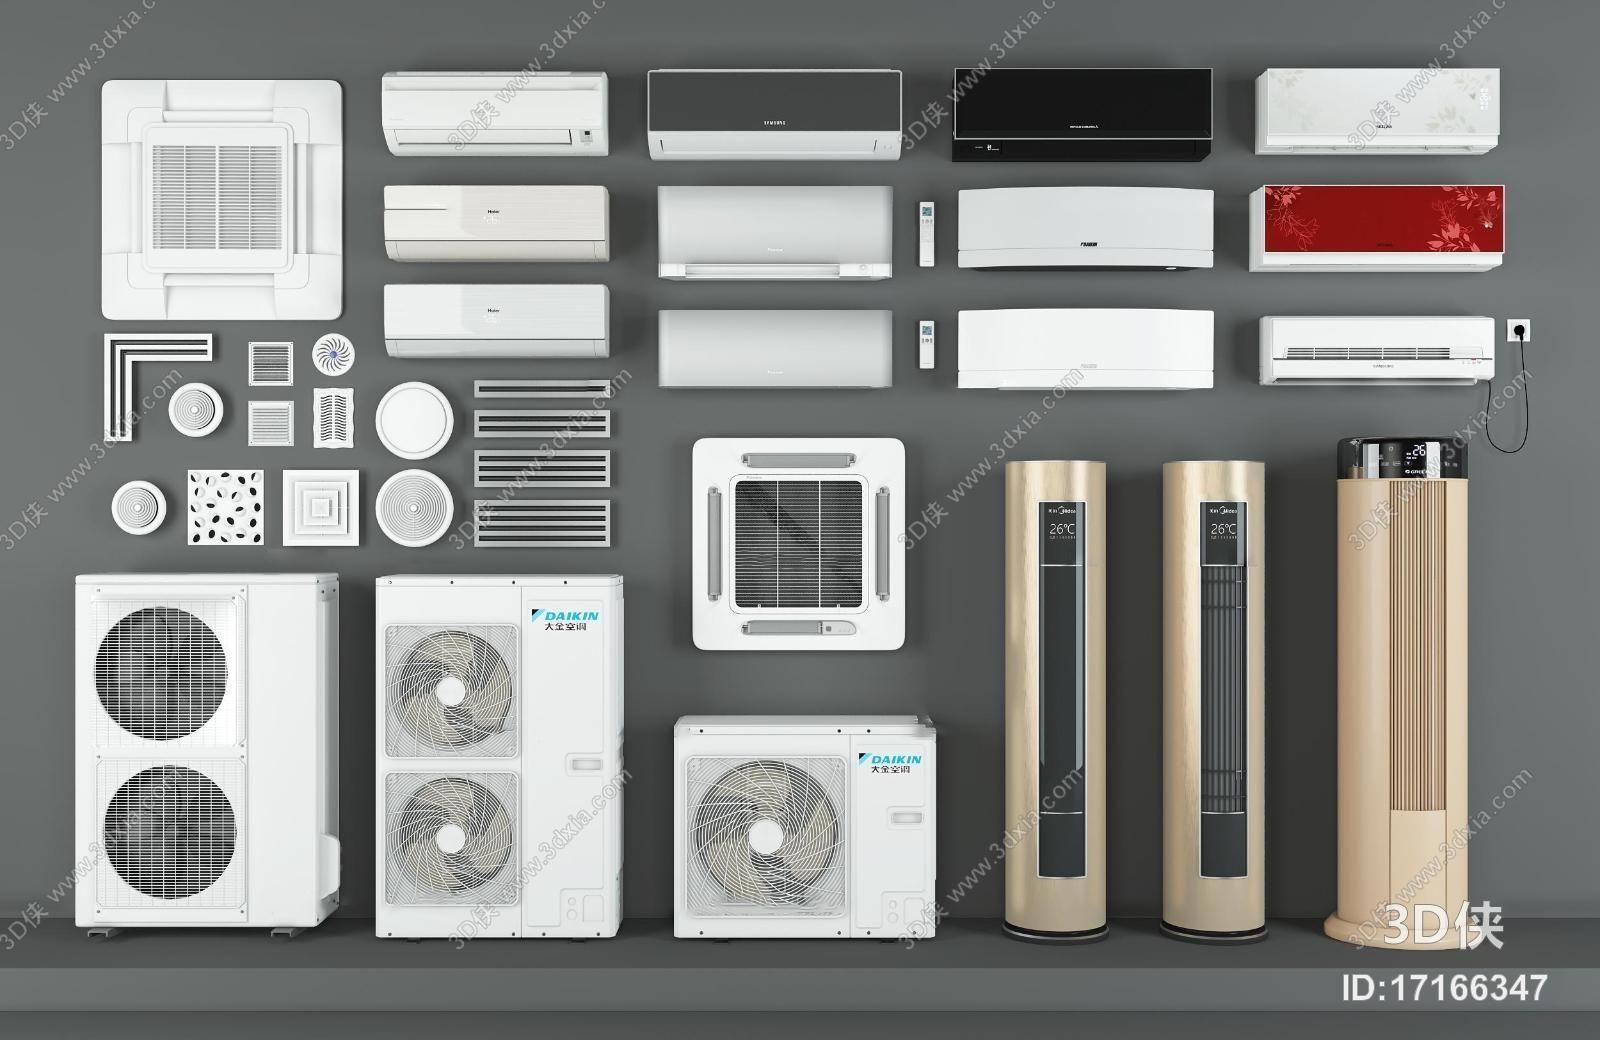 空调效果图素材免费下载,本作品主题是现代空调外机风口组合3d模型